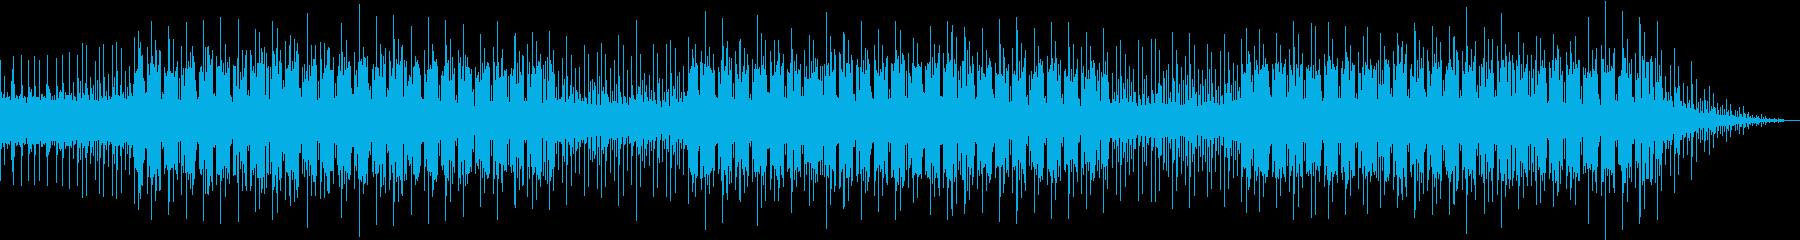 ちょっと切ない爽やか電子音楽_Bの再生済みの波形